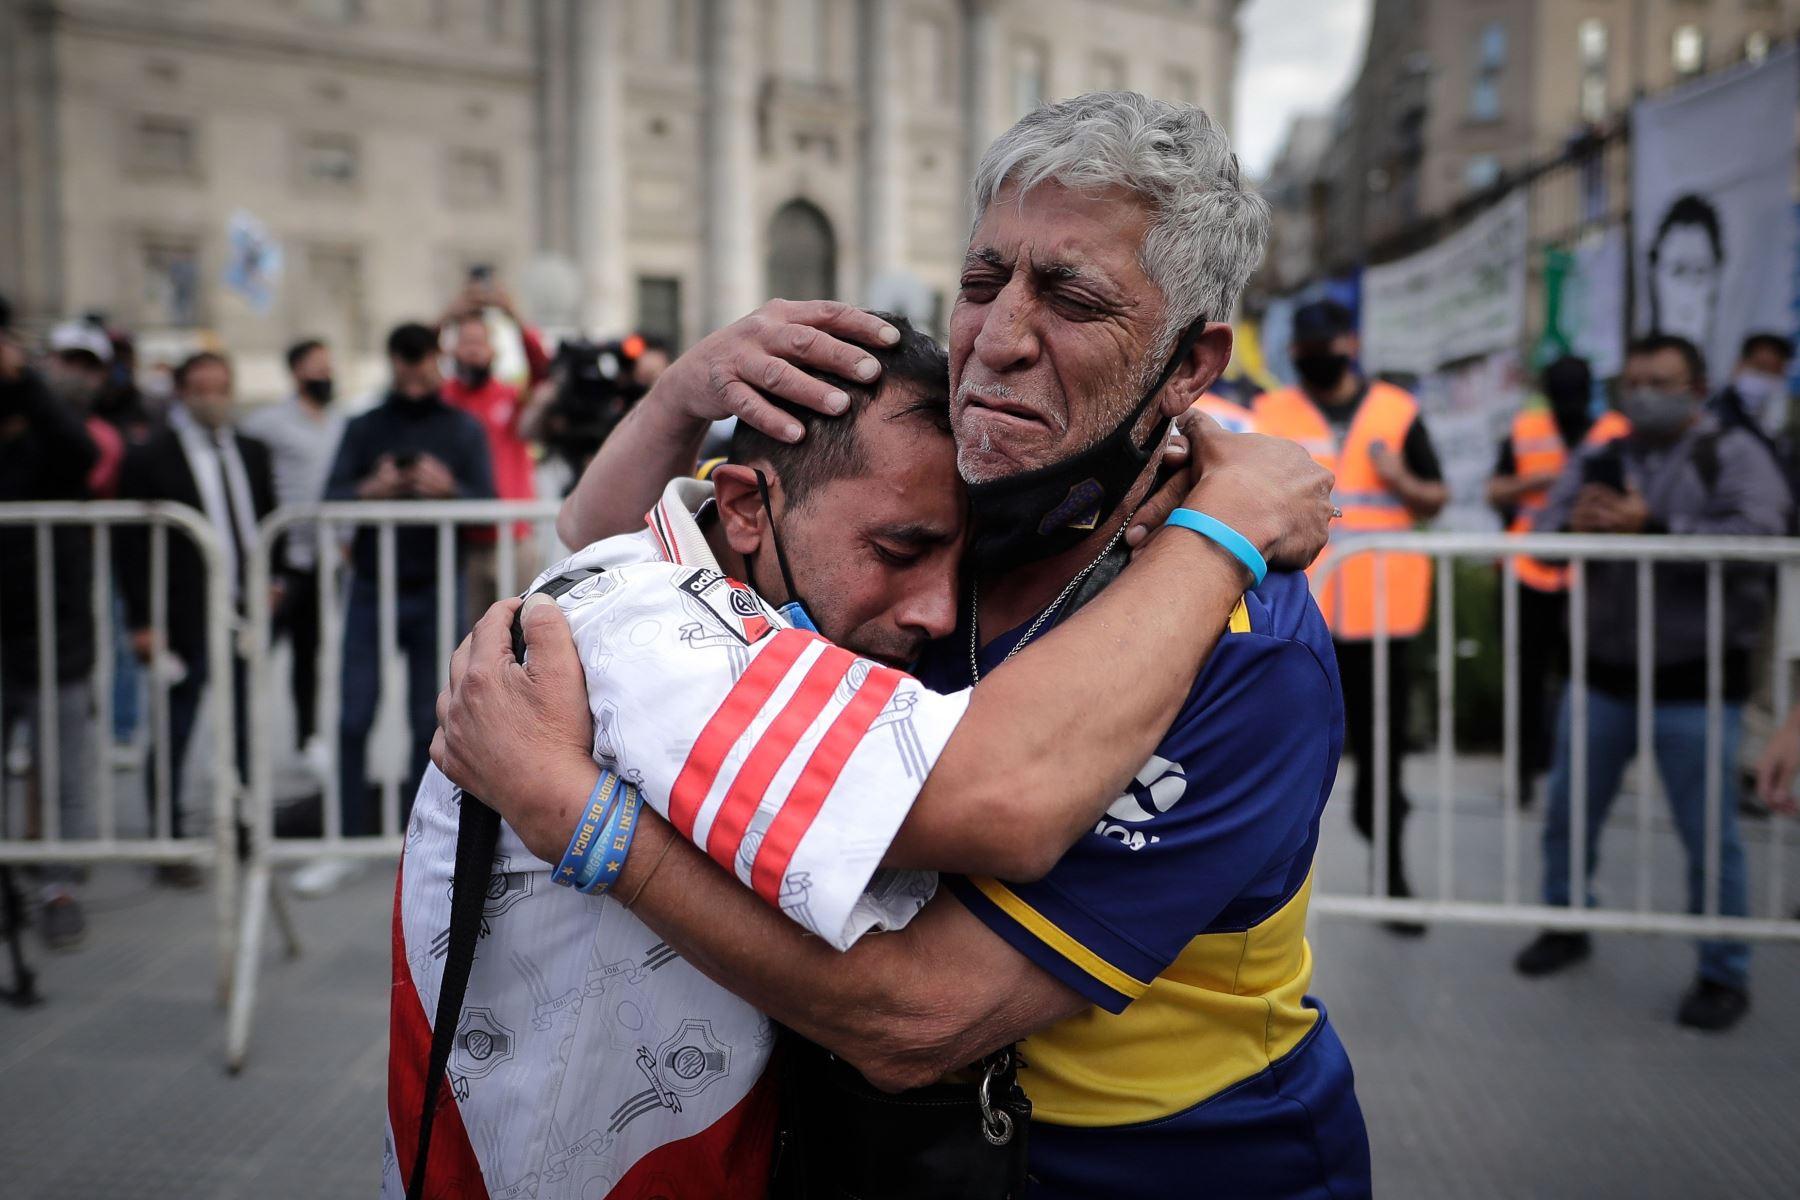 Un aficionado con la camiseta del Boca Juniors y otro con la camiseta del River Plate, se abrazan luego de despedir los restos de Diego Armando Maradona en el velatorio de la capital bonaerense, en la Plaza de Mayo. Foto: EFE